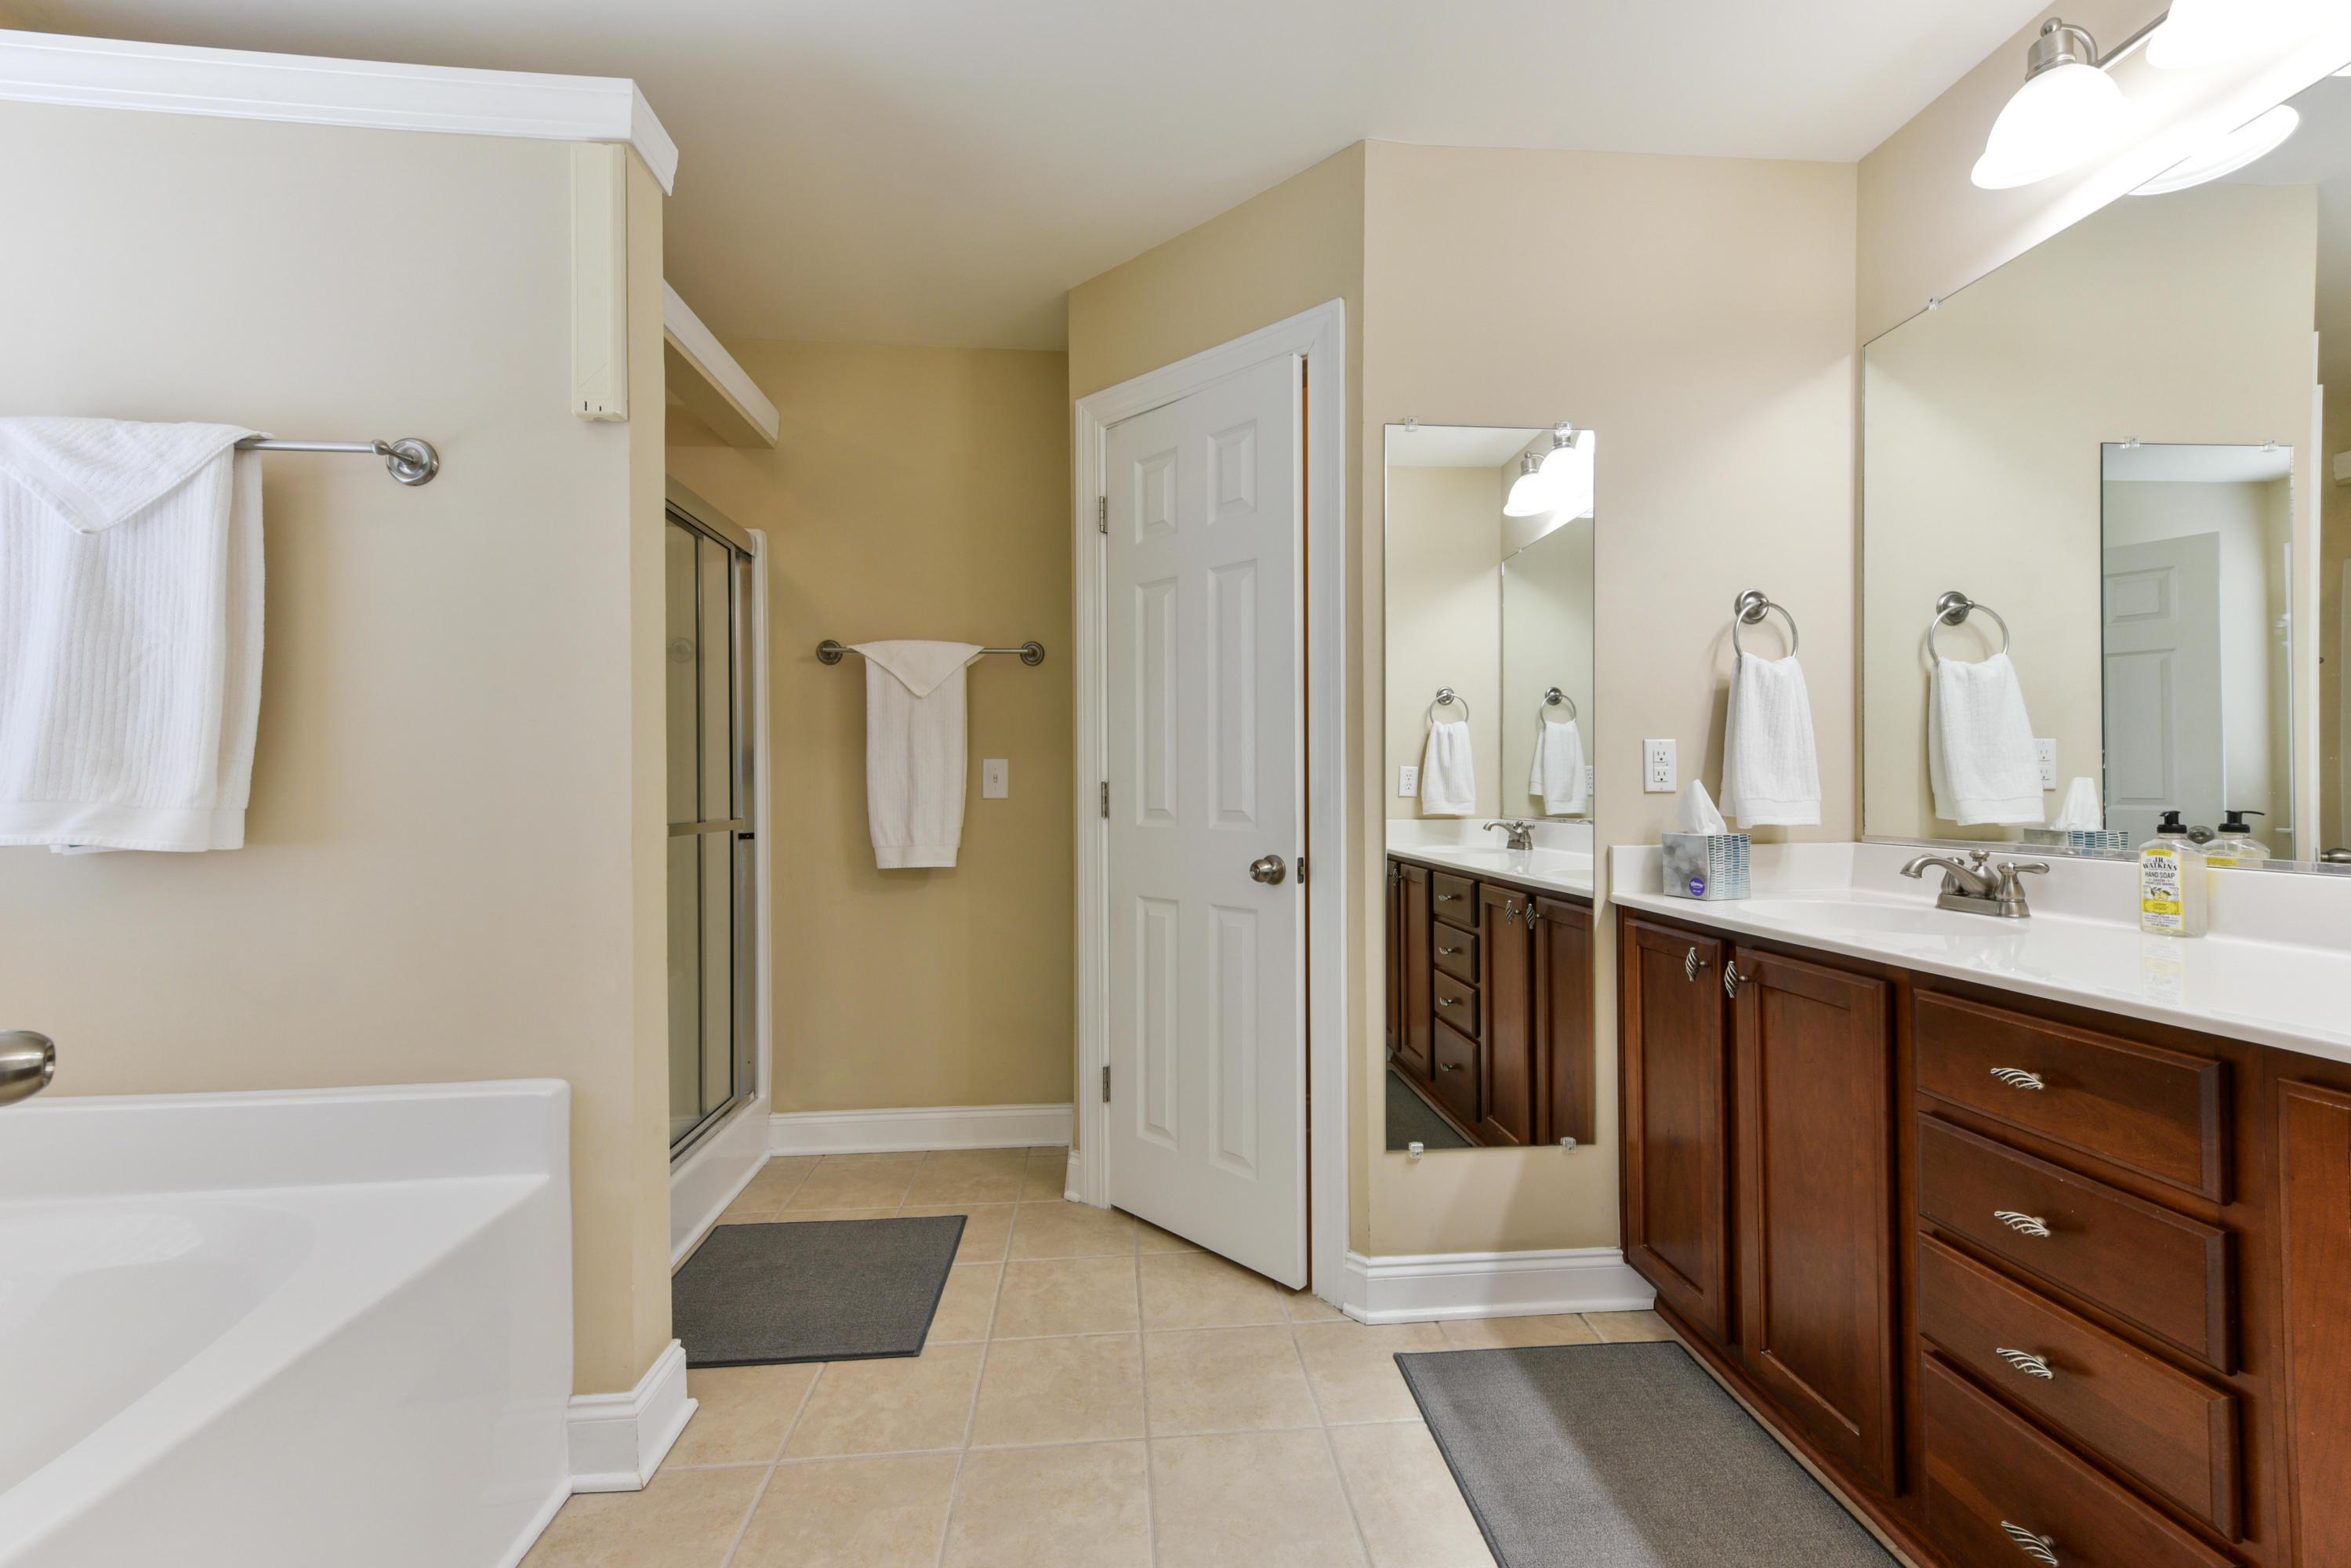 Park West Homes For Sale - 3580 Bagley, Mount Pleasant, SC - 15